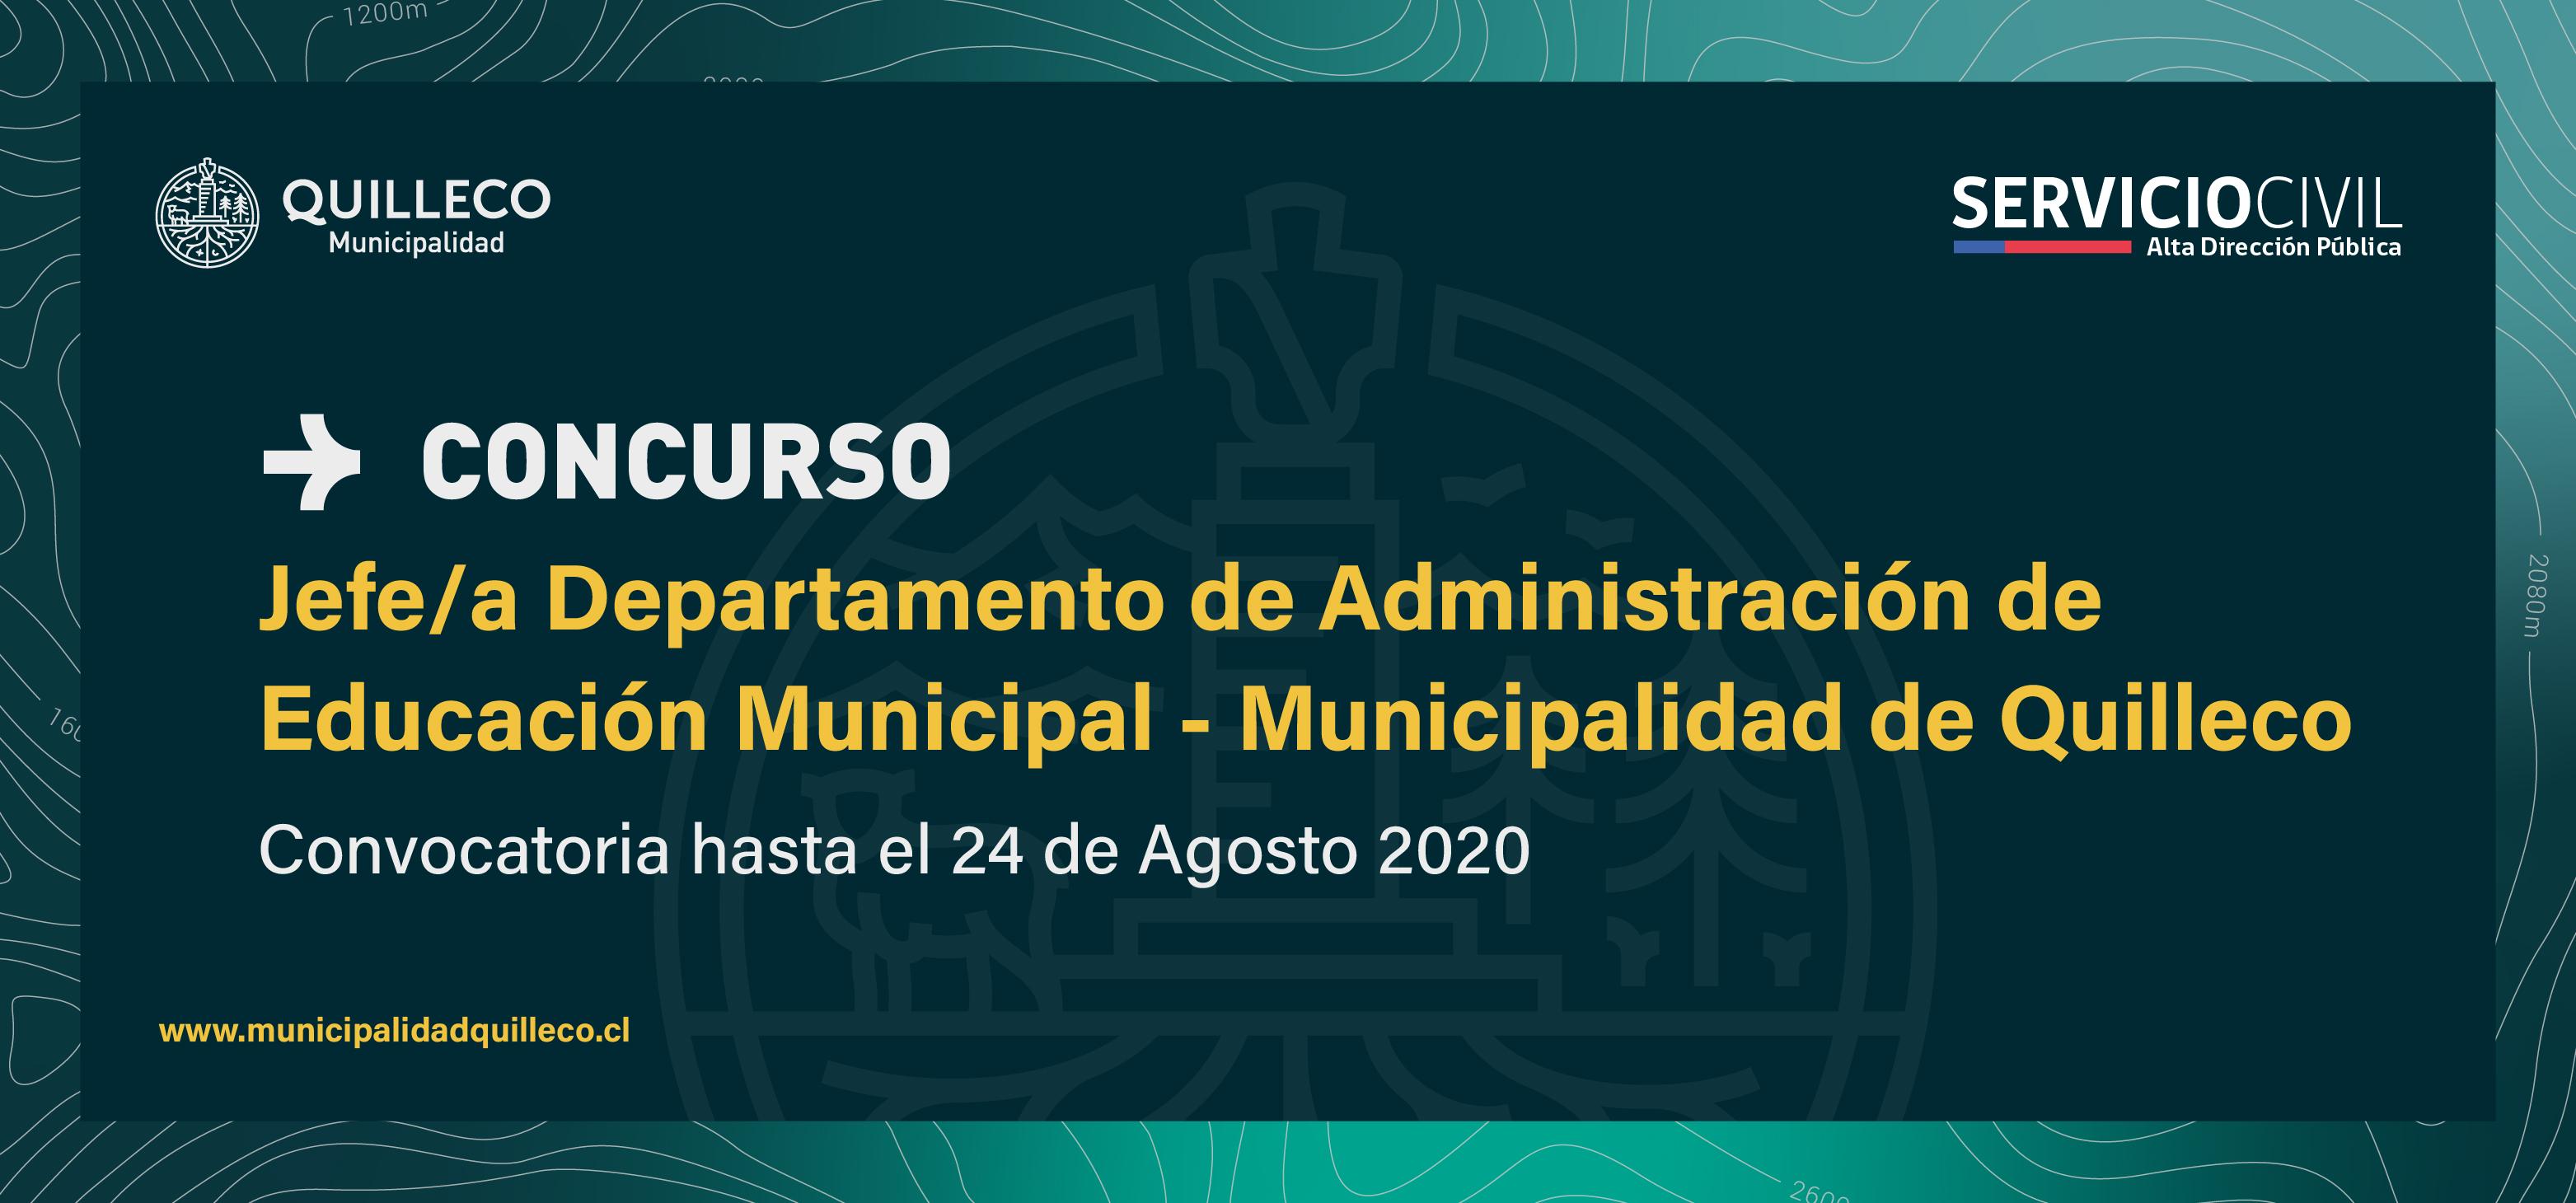 Concurso Público a Jefe/a del Departamento de Administración de Educación Municipal de Quilleco